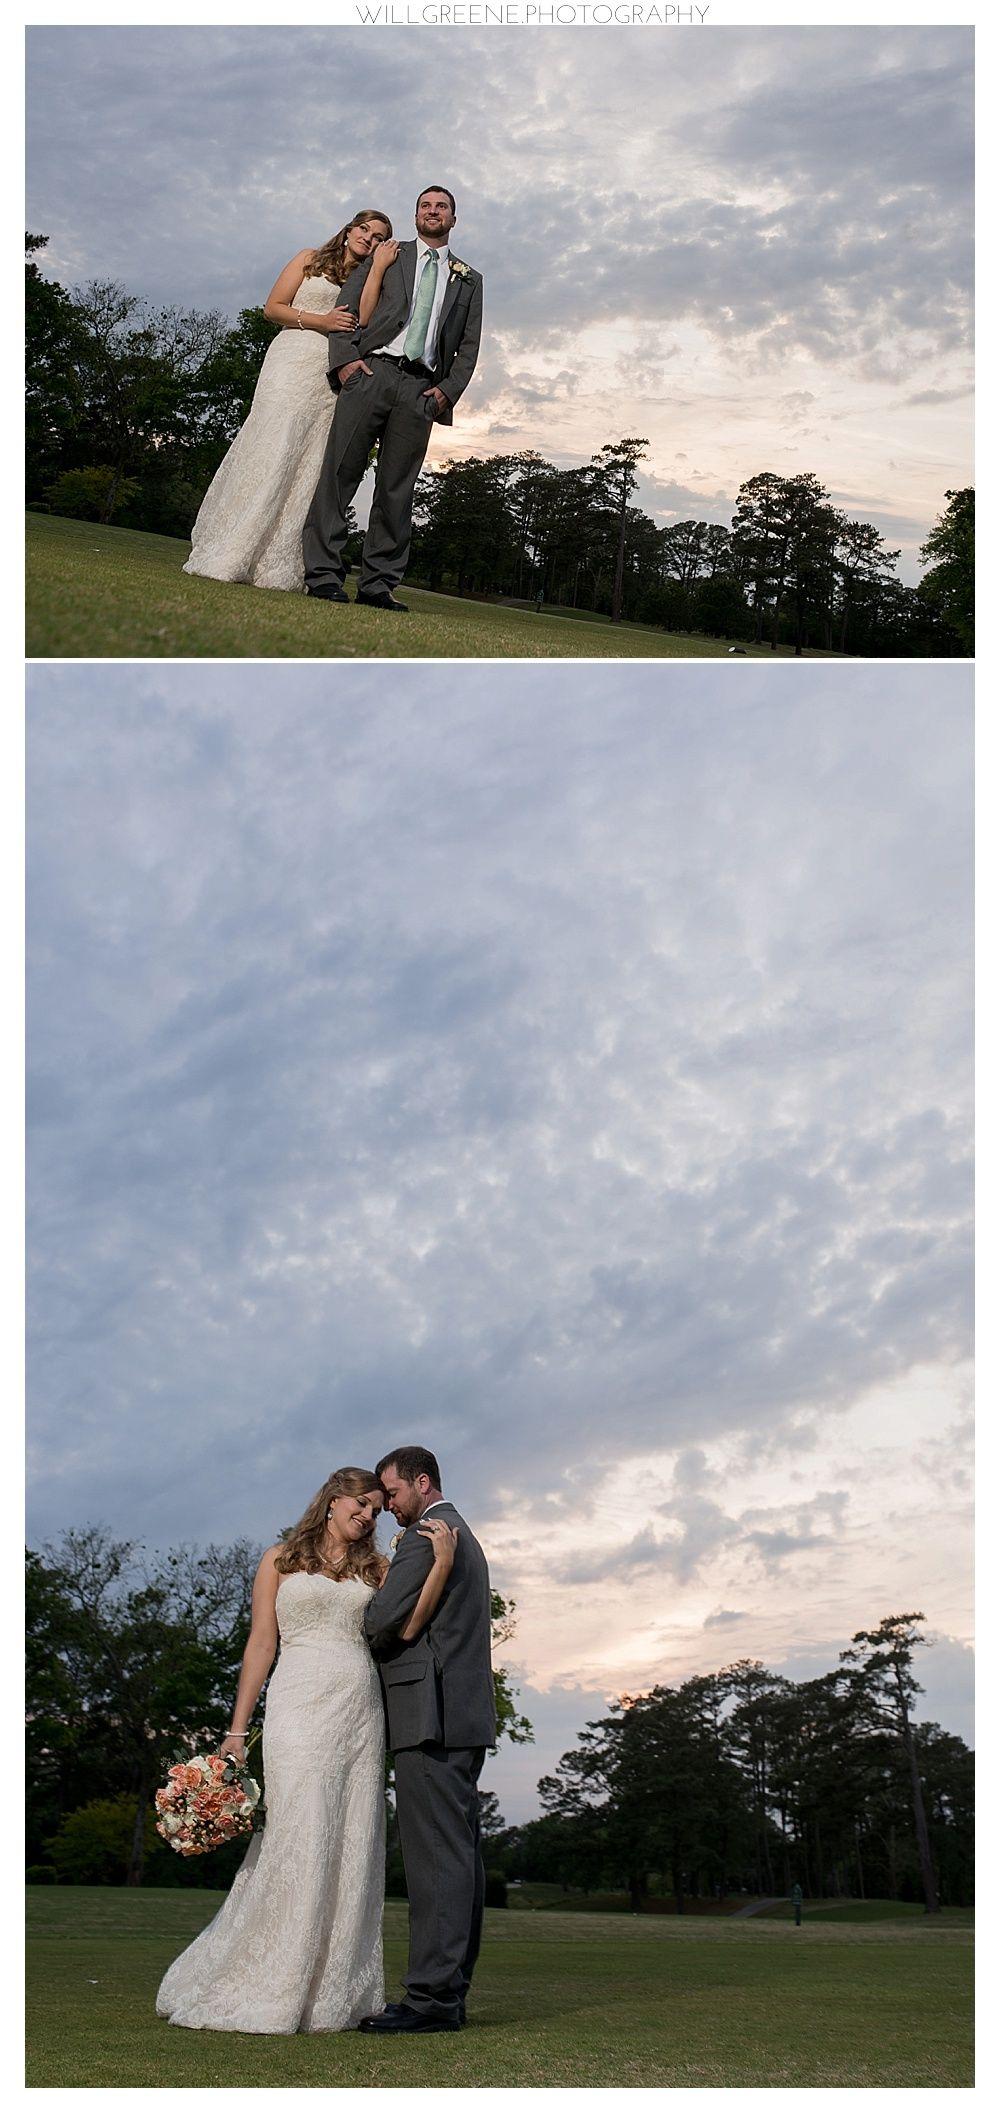 Teresa u greysonus cedar point country club wedding will greene